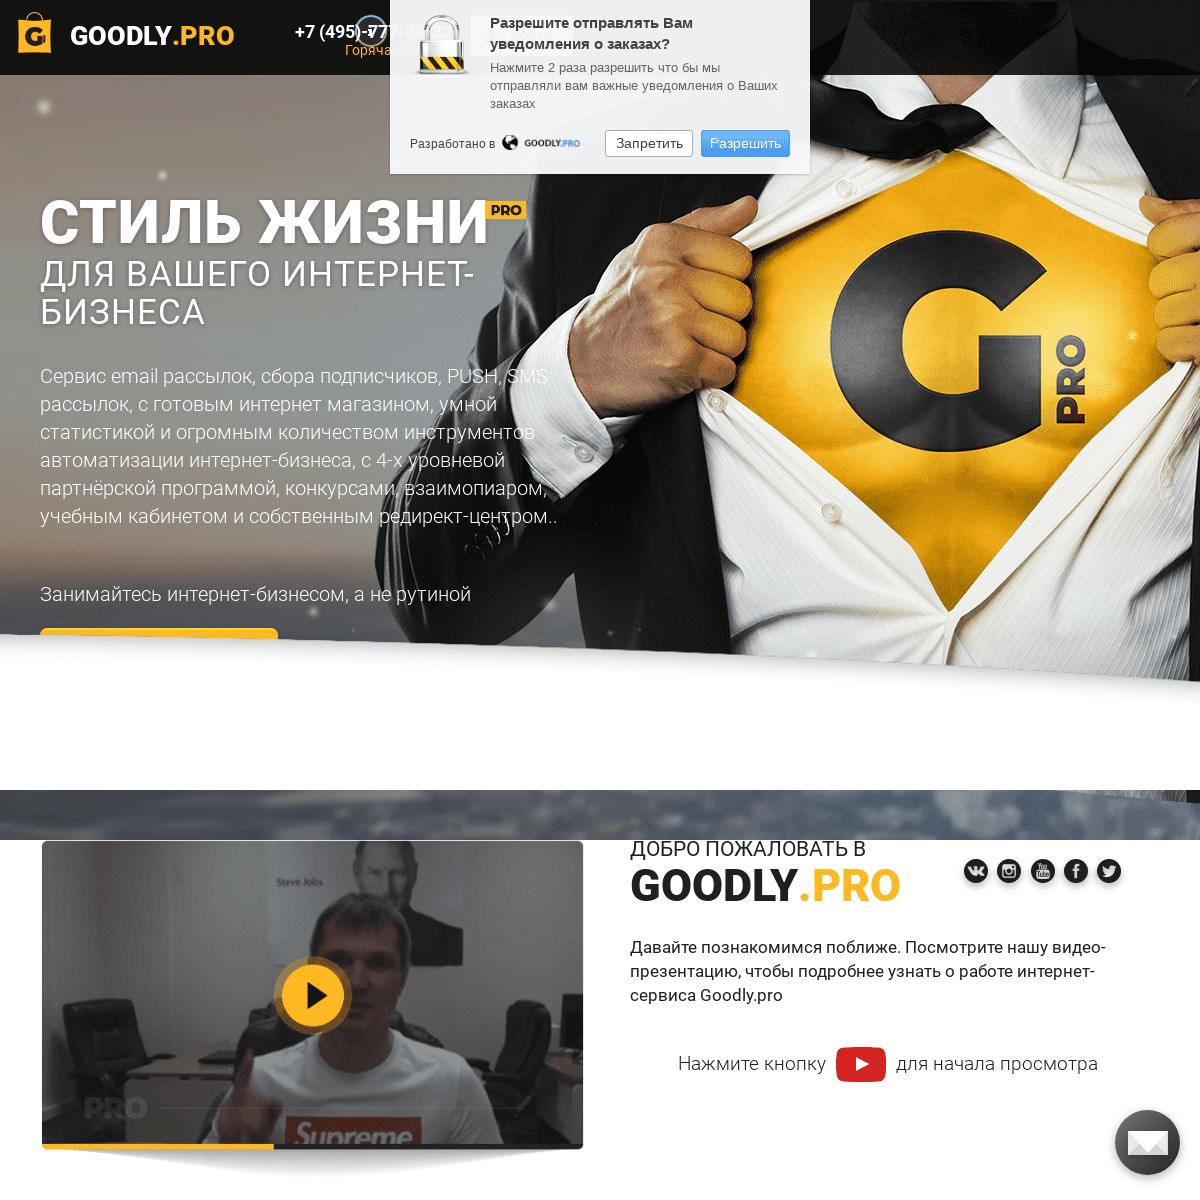 ArchiveBay.com - goodly.pro - GOODLY.PRO - Новый стиль для вашего интернет бизнеса